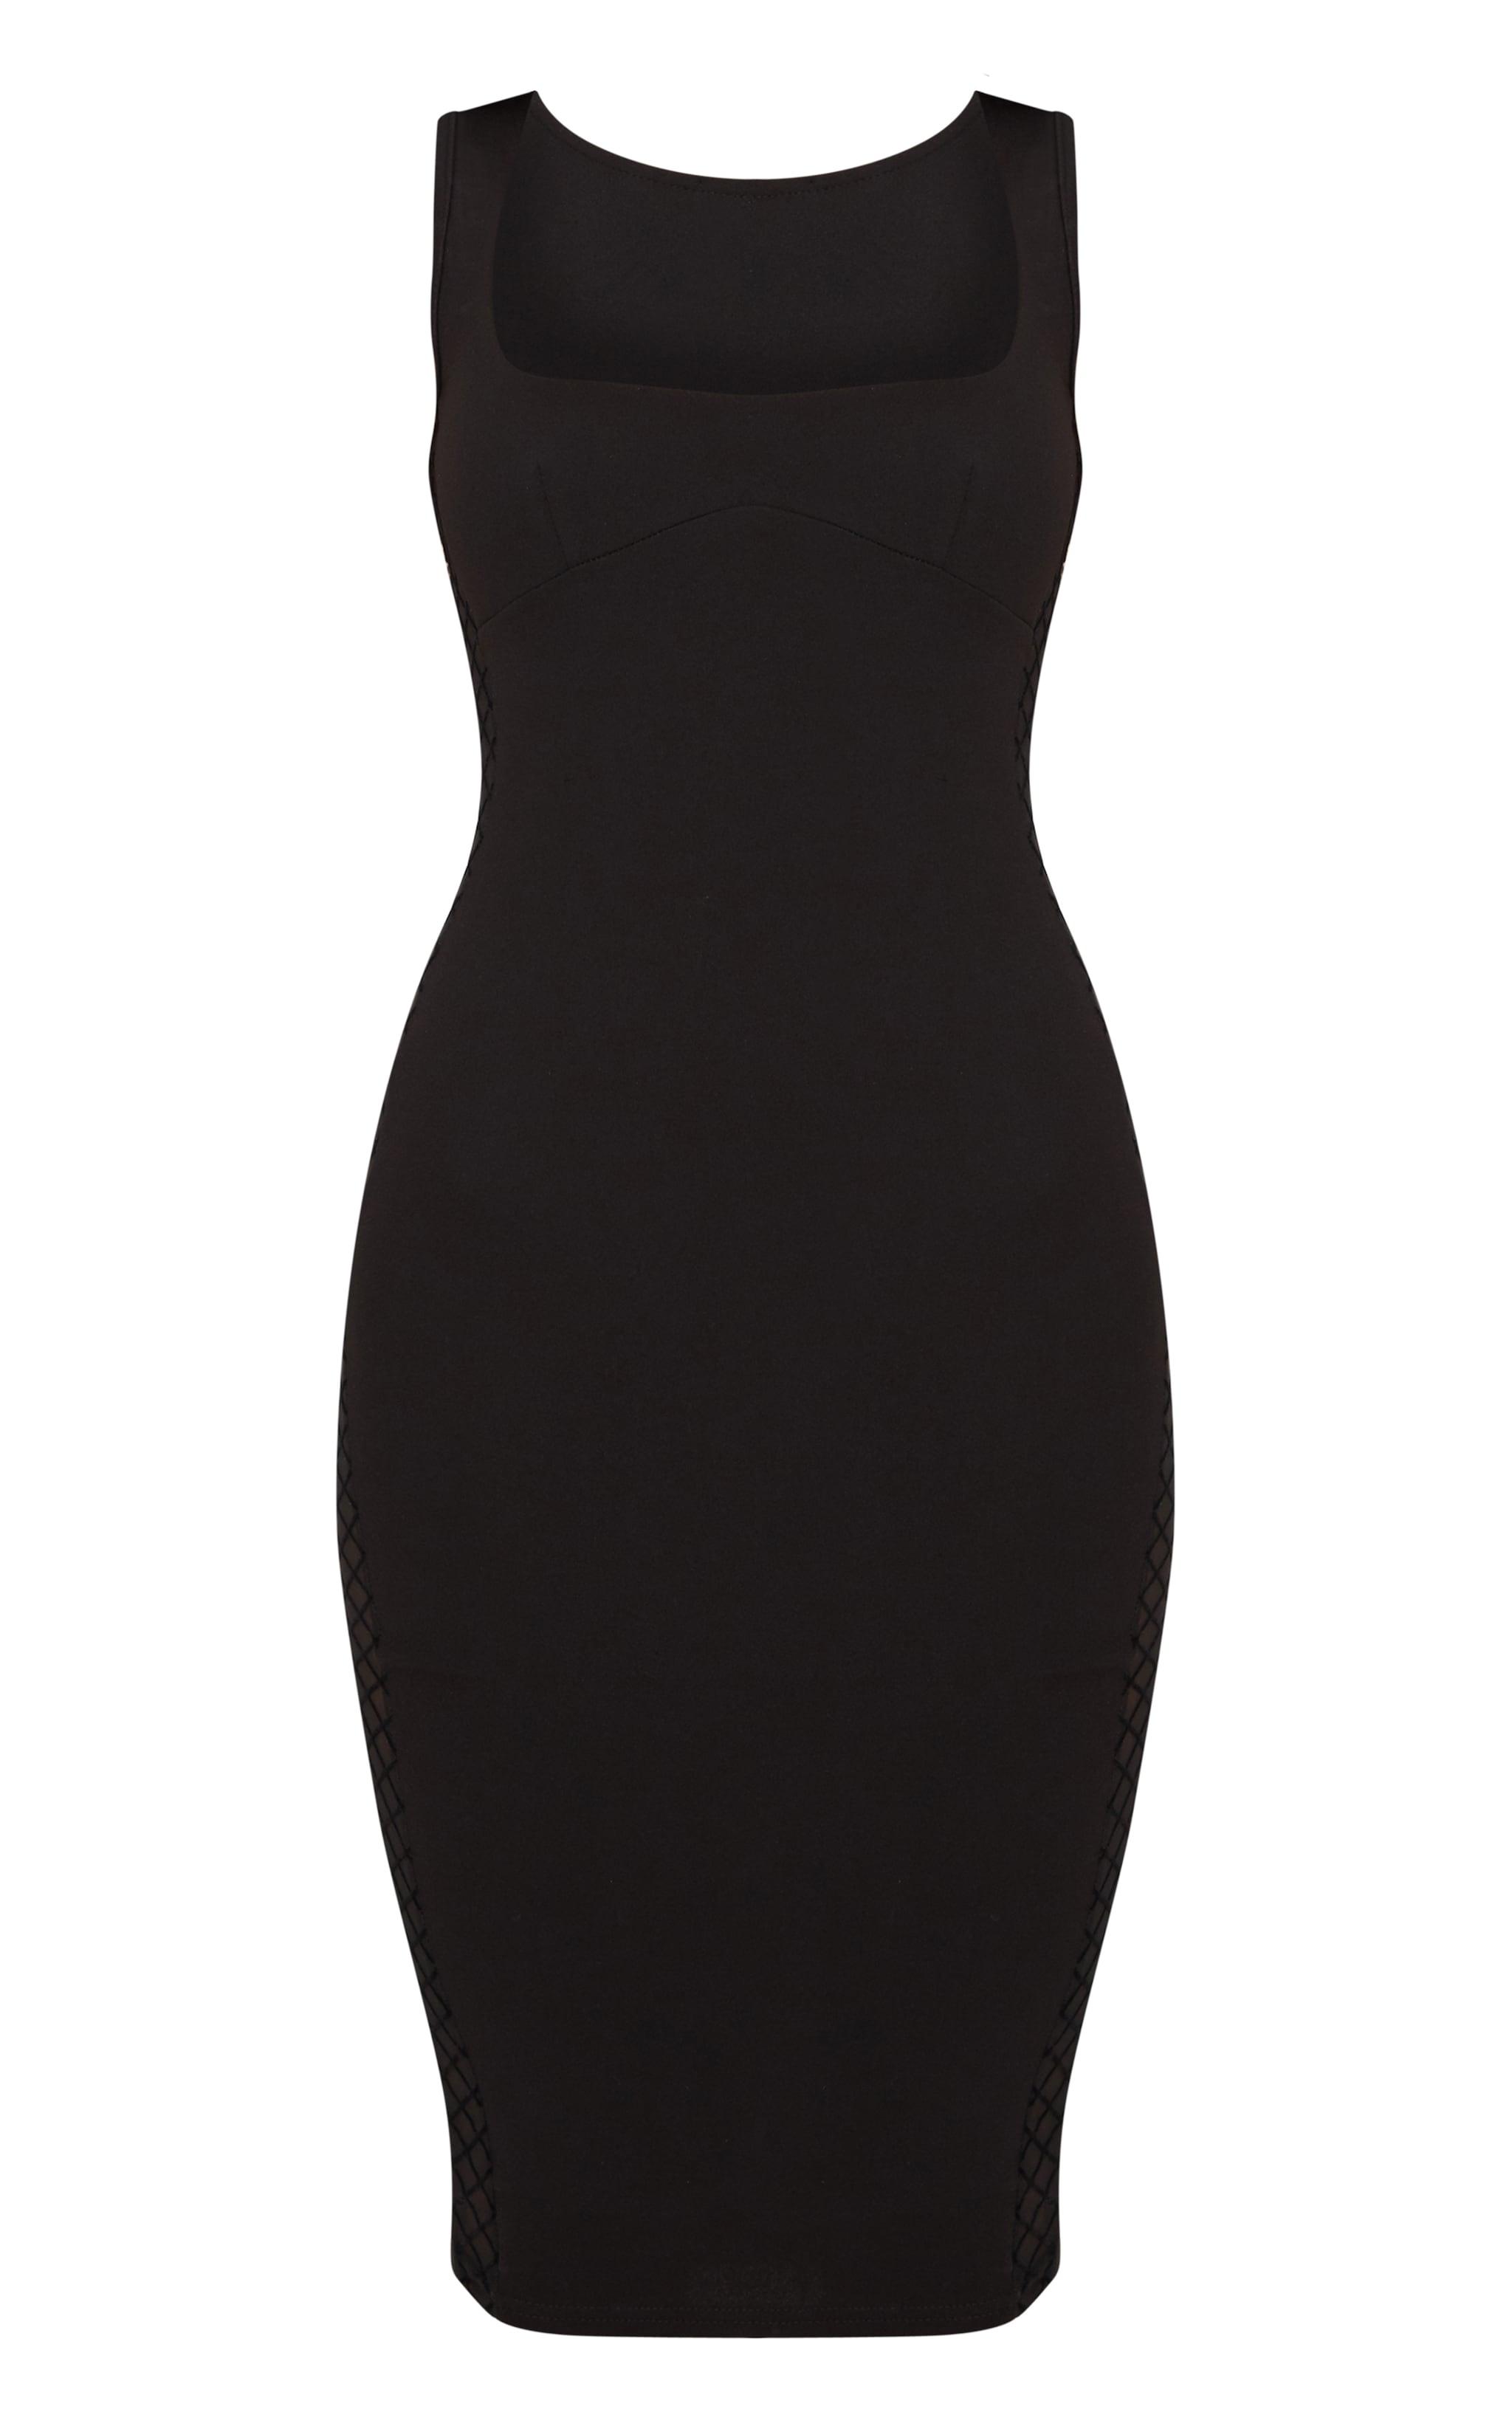 Black Mesh Side Square Neck Midi Dress 3